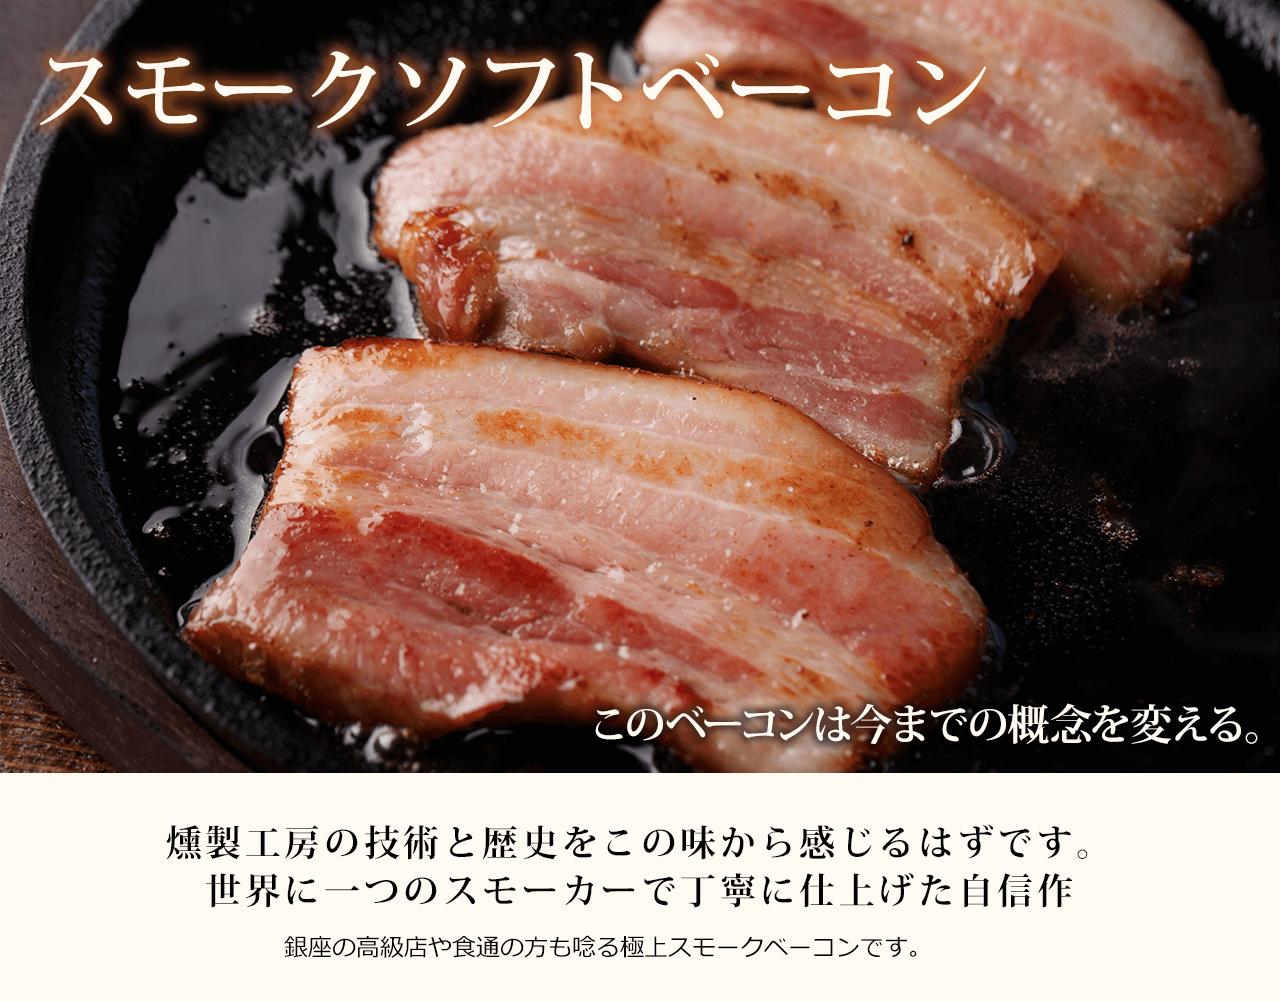 冷たいままでも美味しい鶏炭火焼は私達だけ。